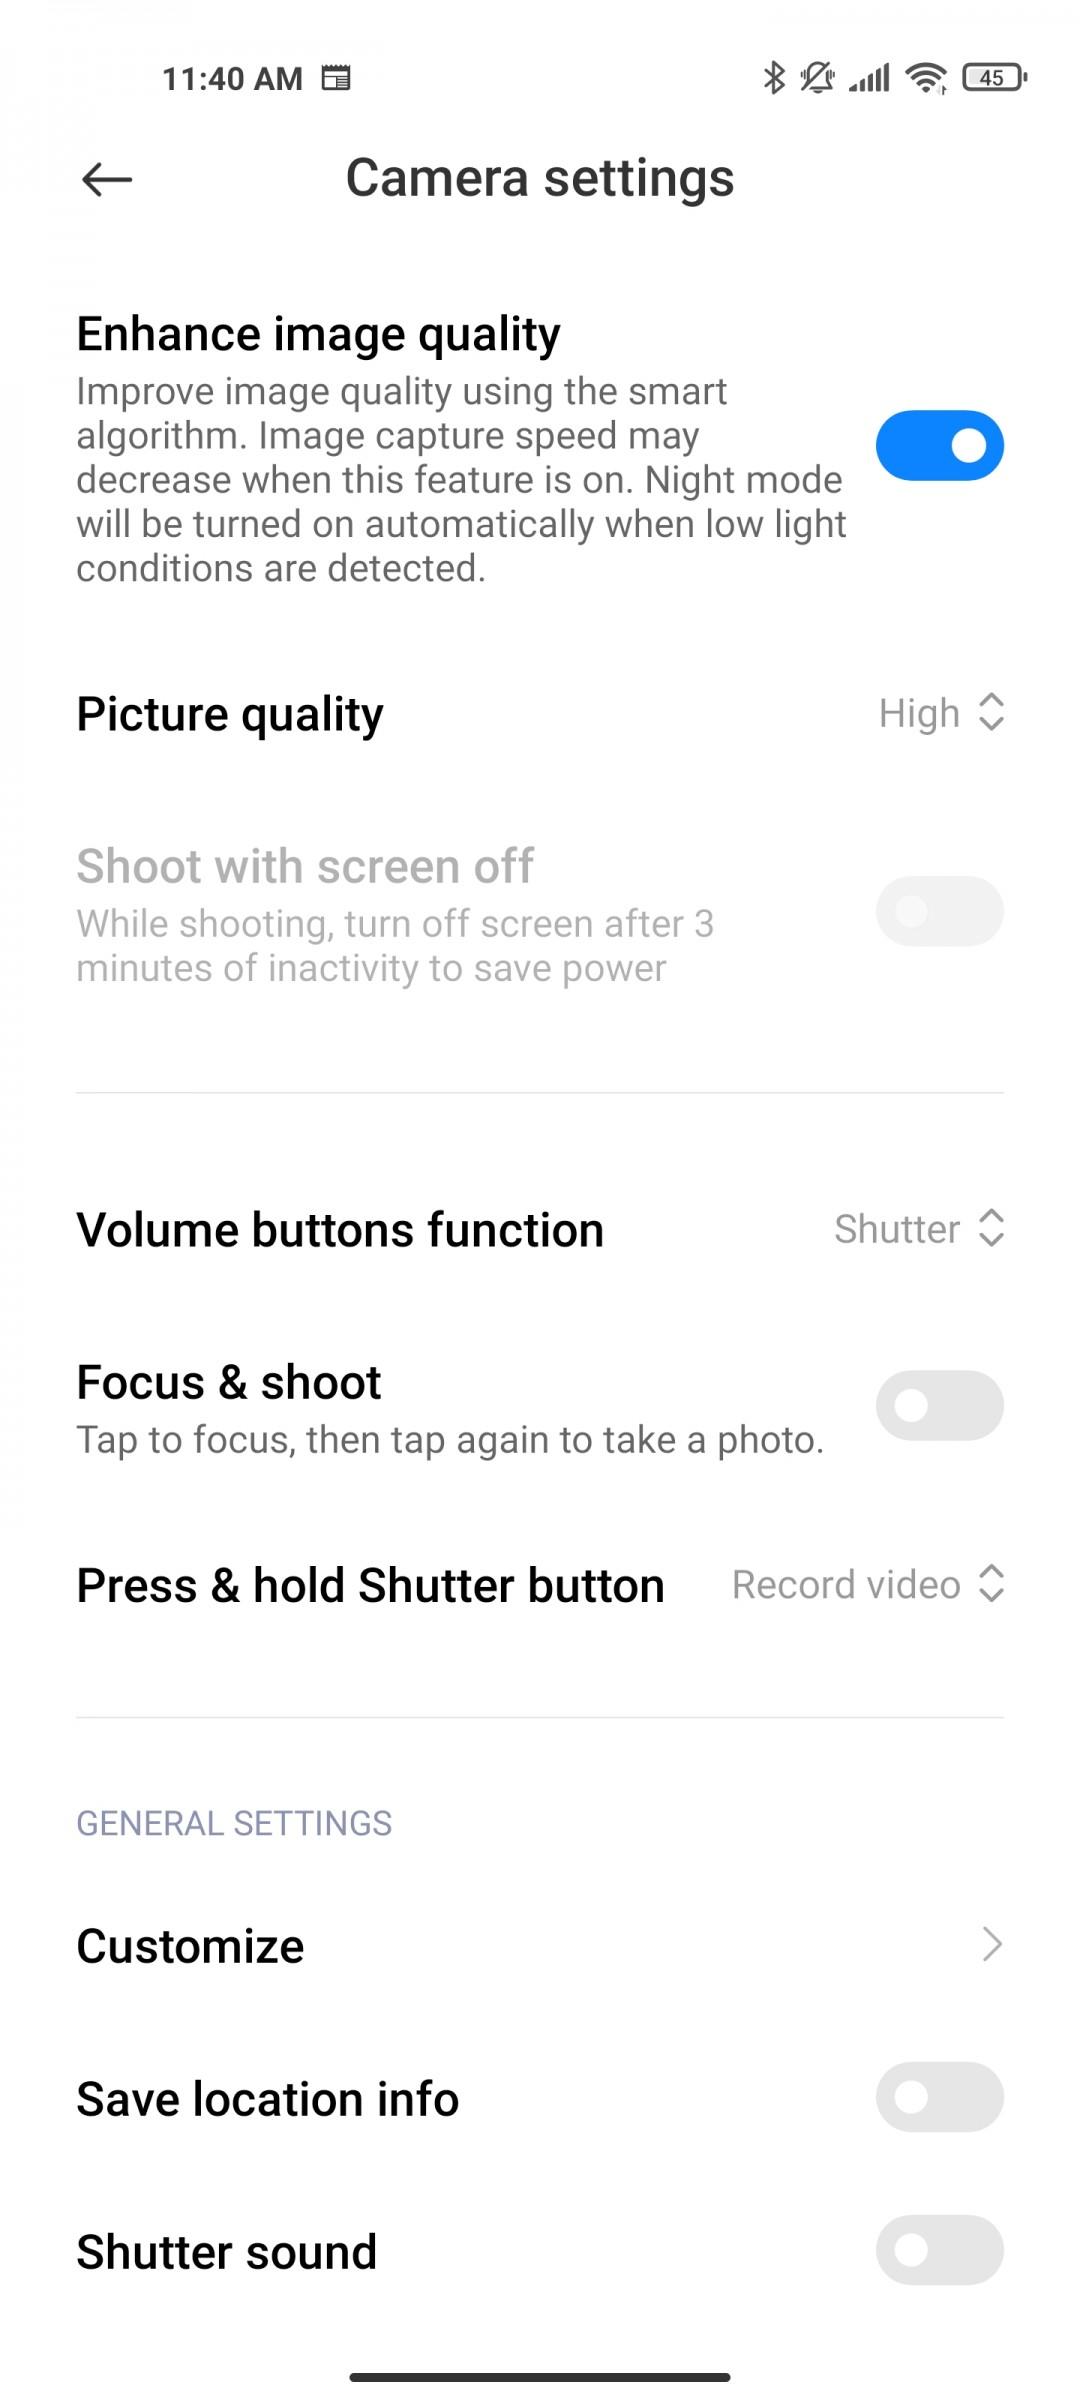 بررسی کامل و تخصصی گوشی می 11 اولترا شیائومی 106